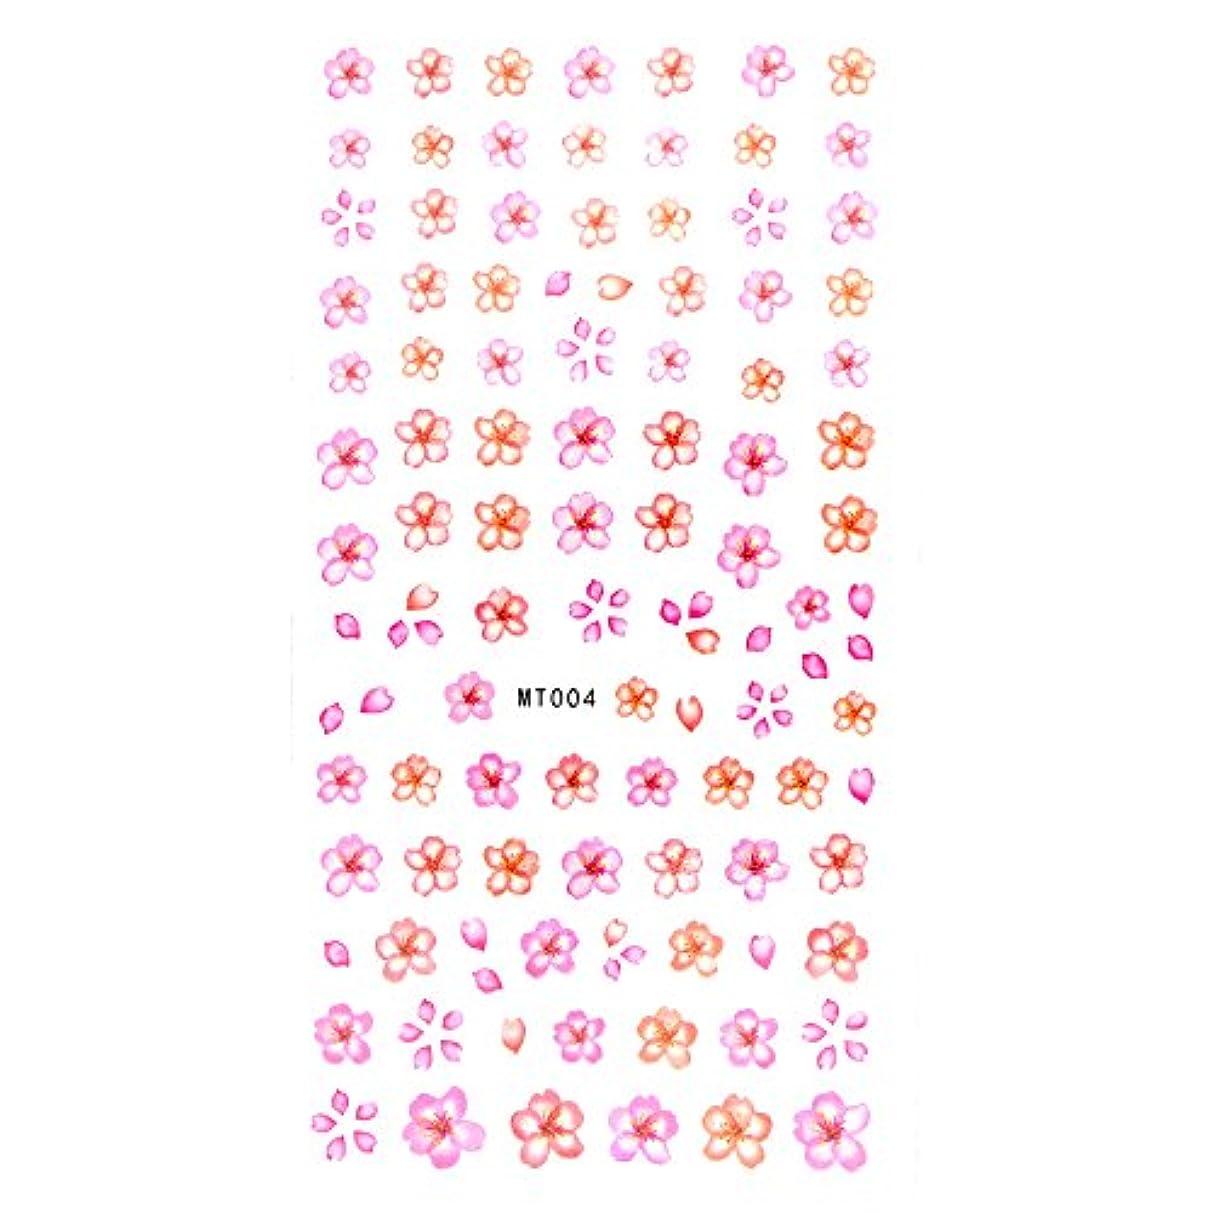 エアコンライトニングプレミアム【MT004】チェリーブロッサムネイルシール 桜 チェリーブロッサム 春 ネイルシール